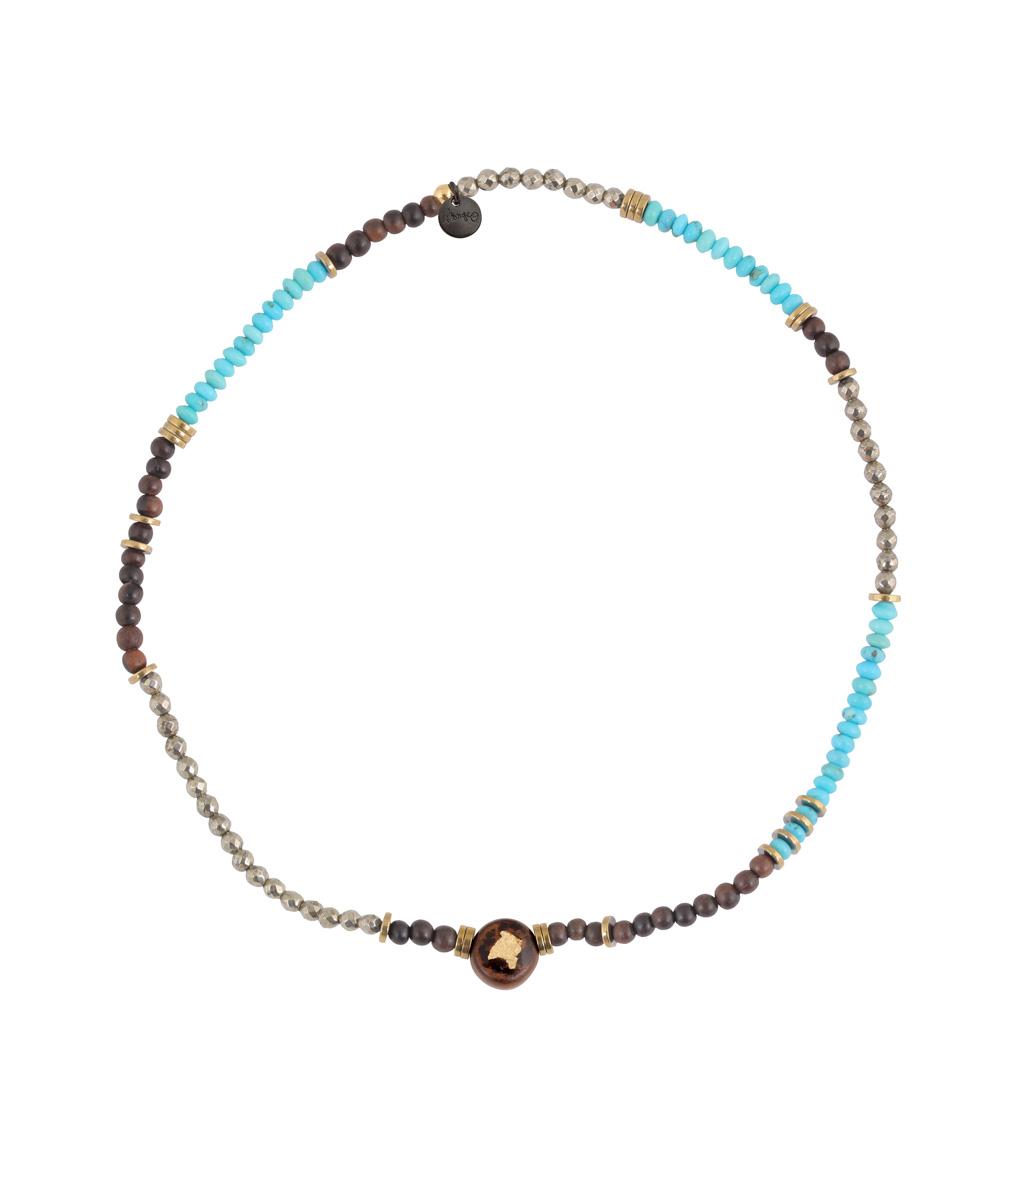 Bracelet Bois Perle Mini Turquoise